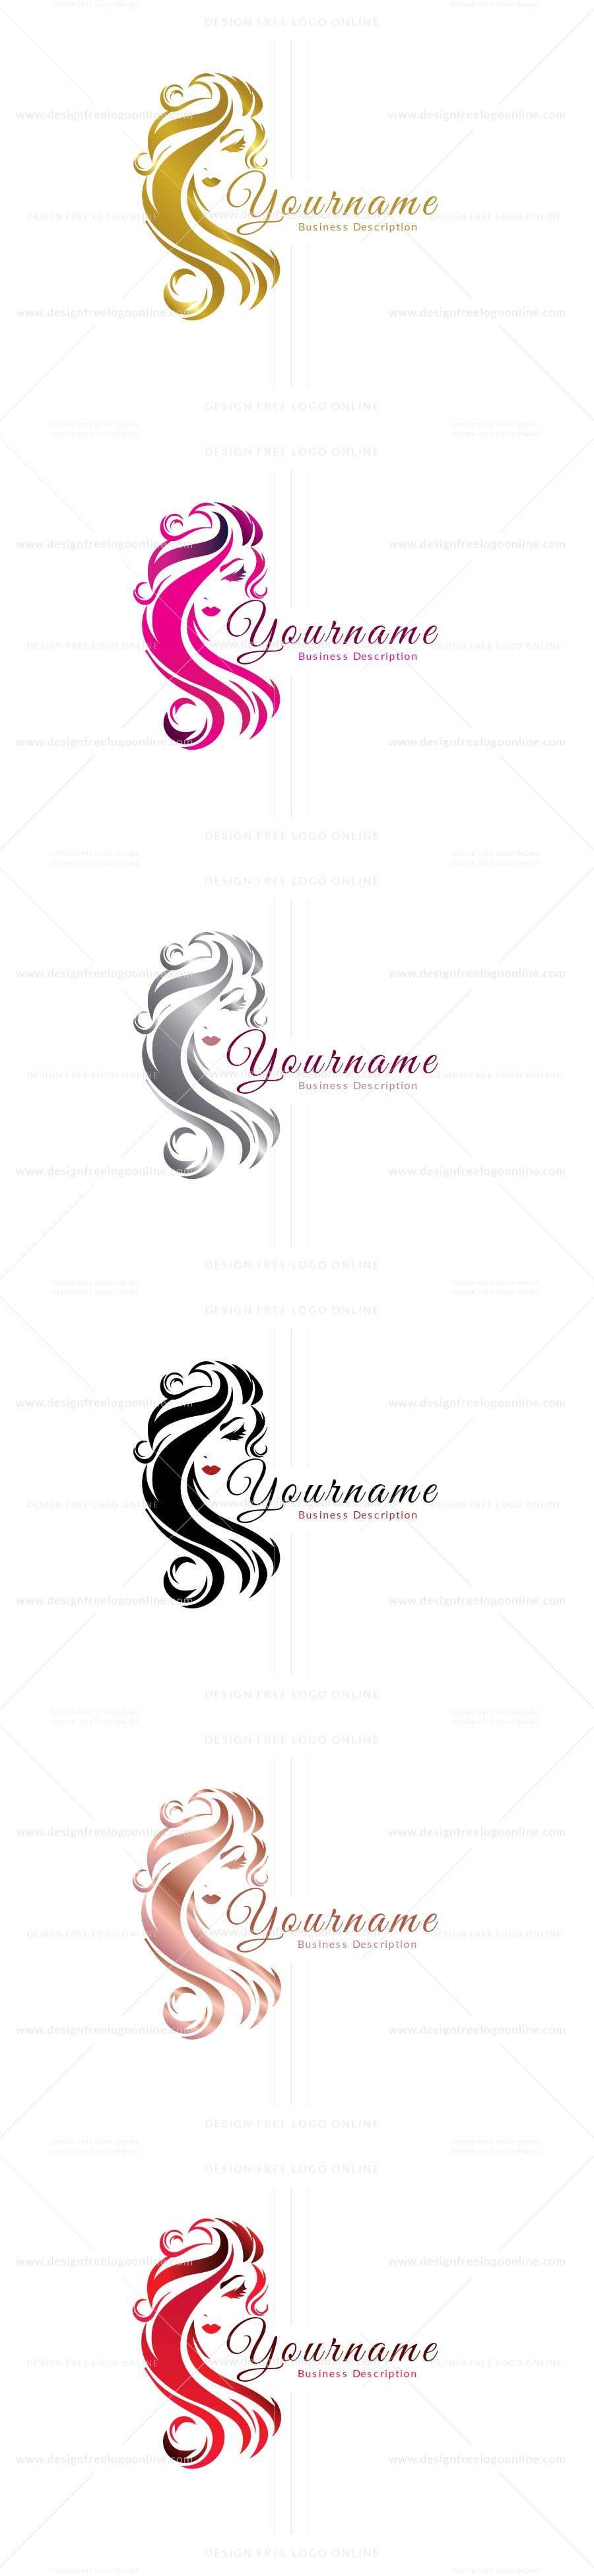 Proposition n°                                        59                                      du concours                                         Logo design